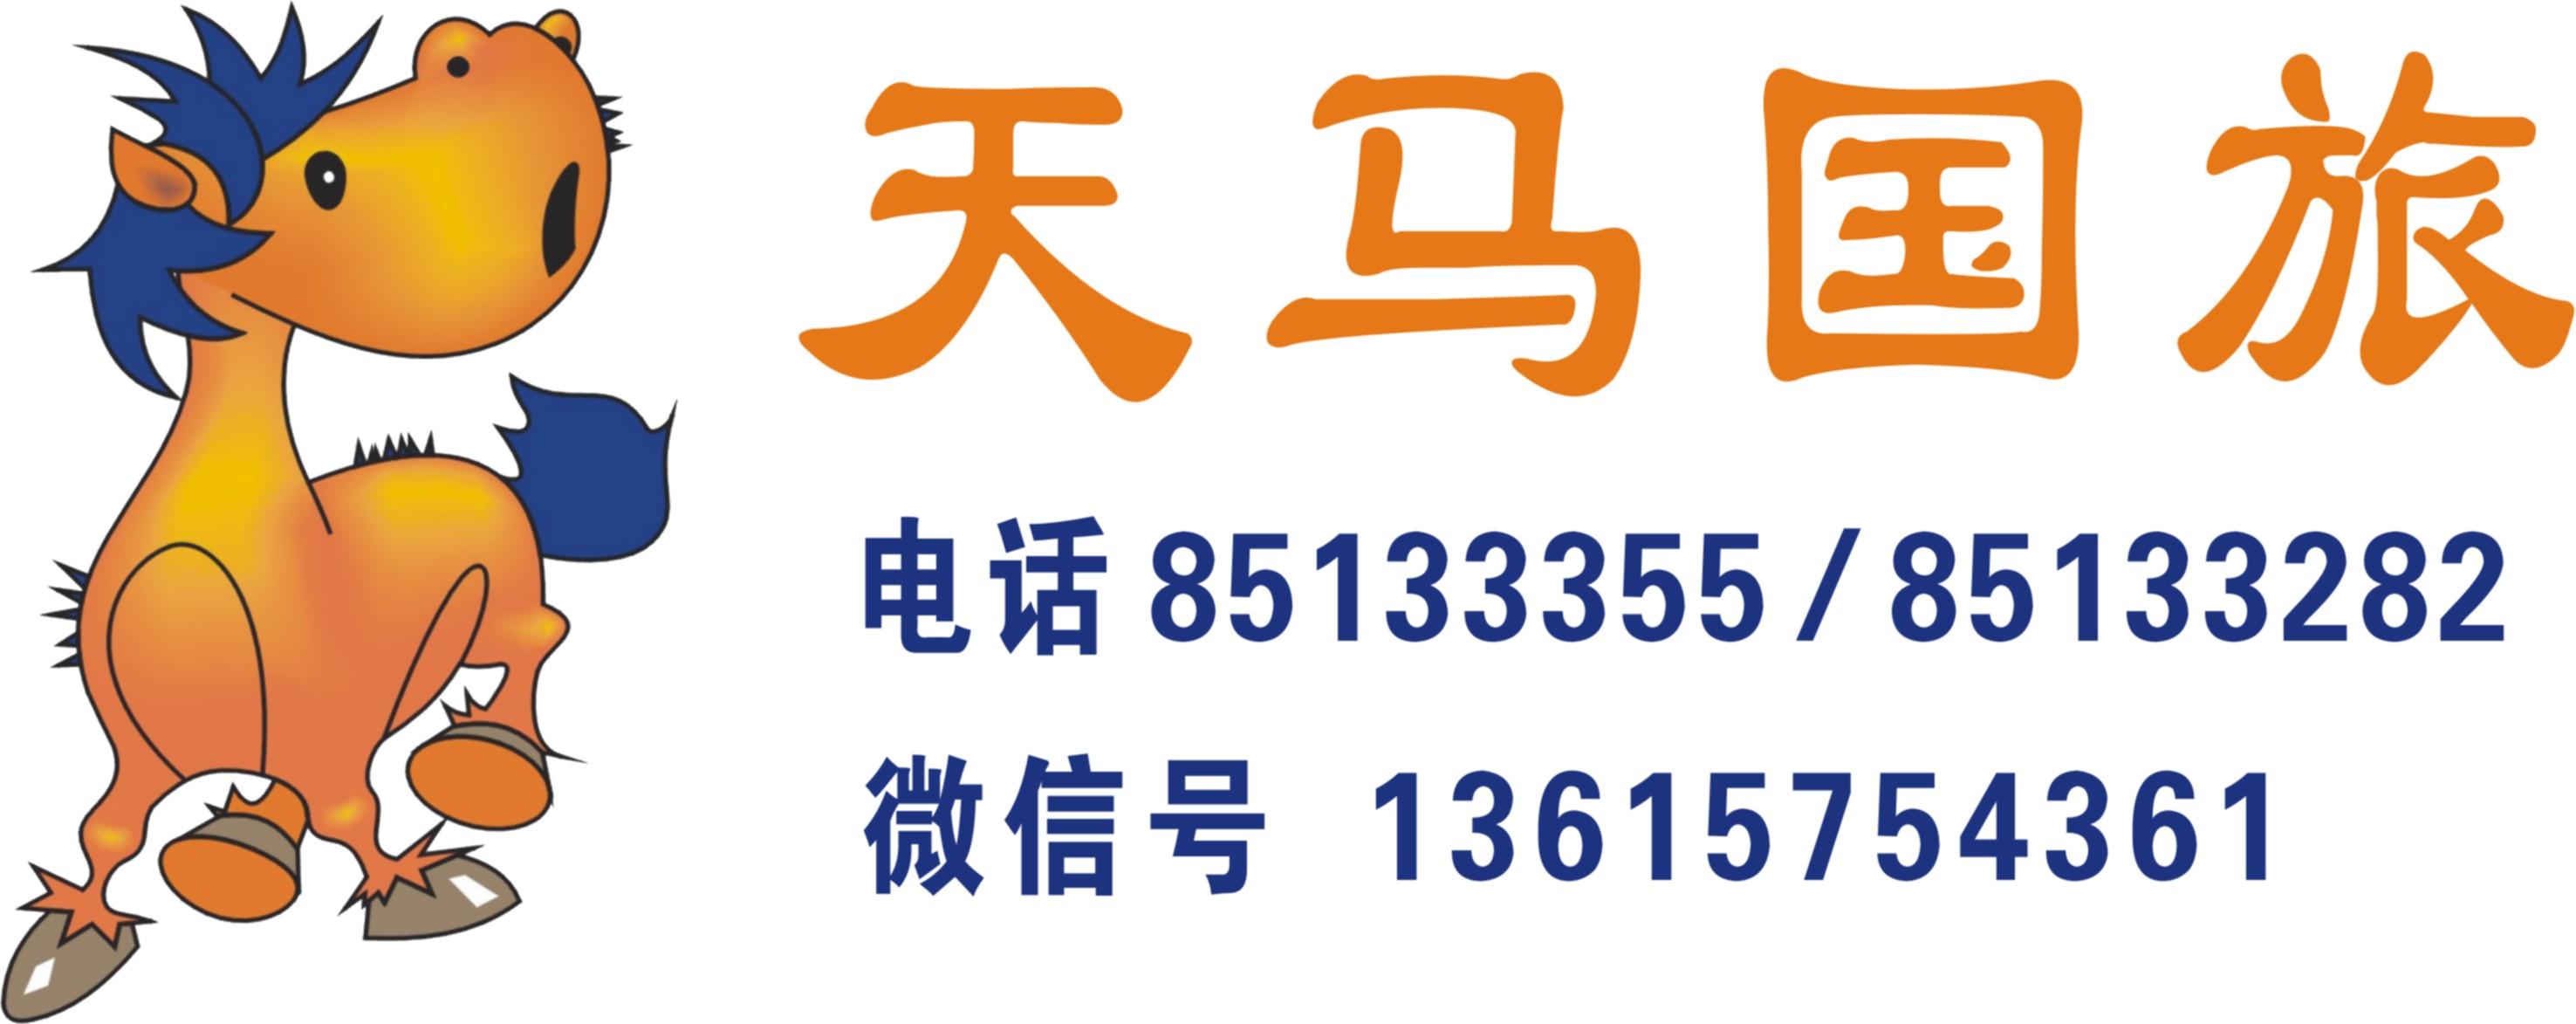 11.17【夕阳红上海大观园、周庄、明珠塔、城隍庙特价二日】